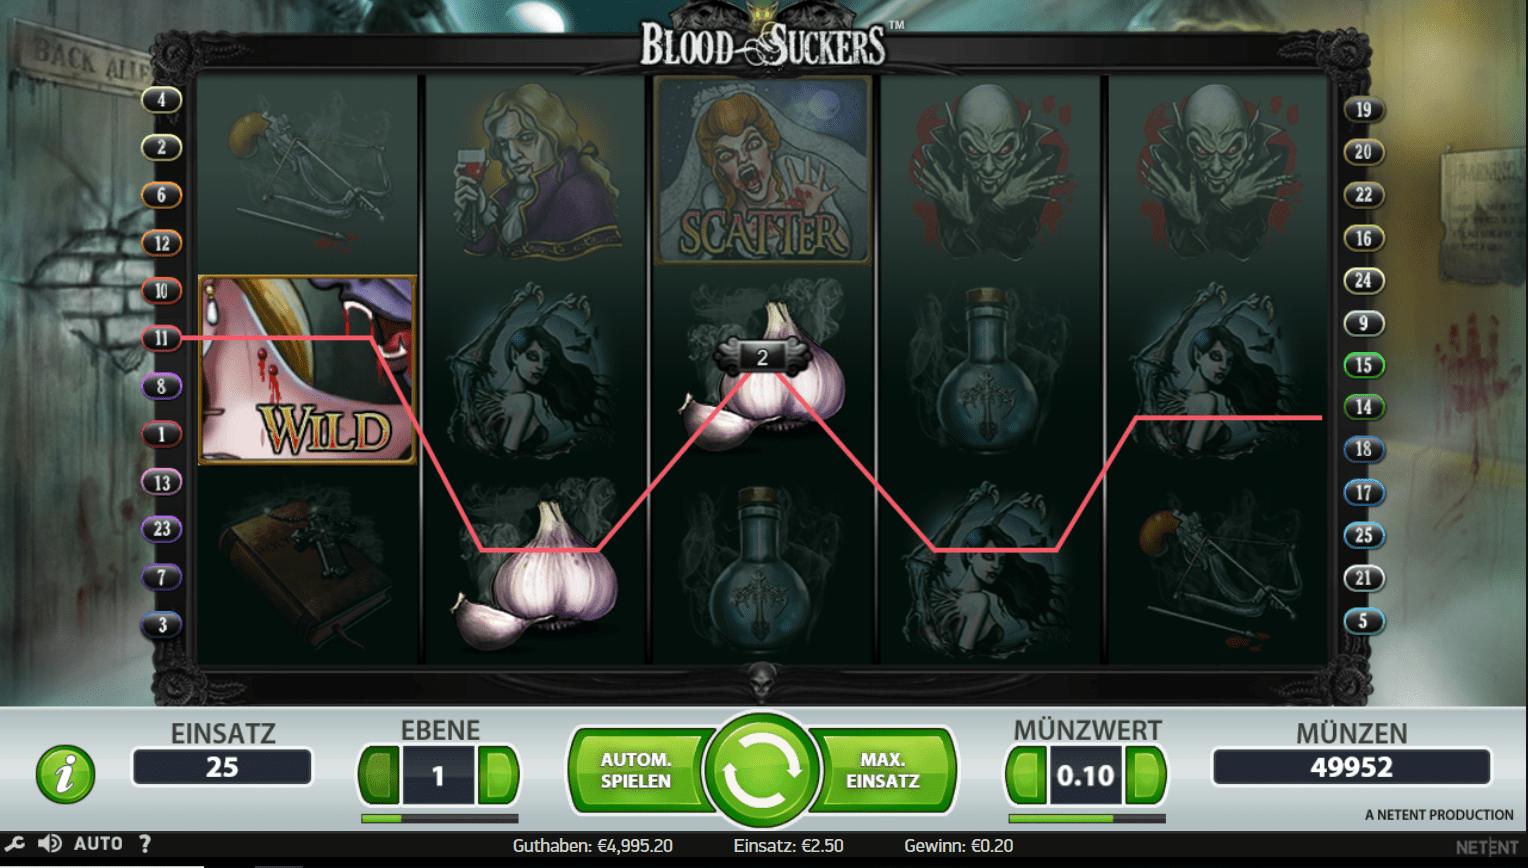 Unbenannt2 8 - Blood Suckers